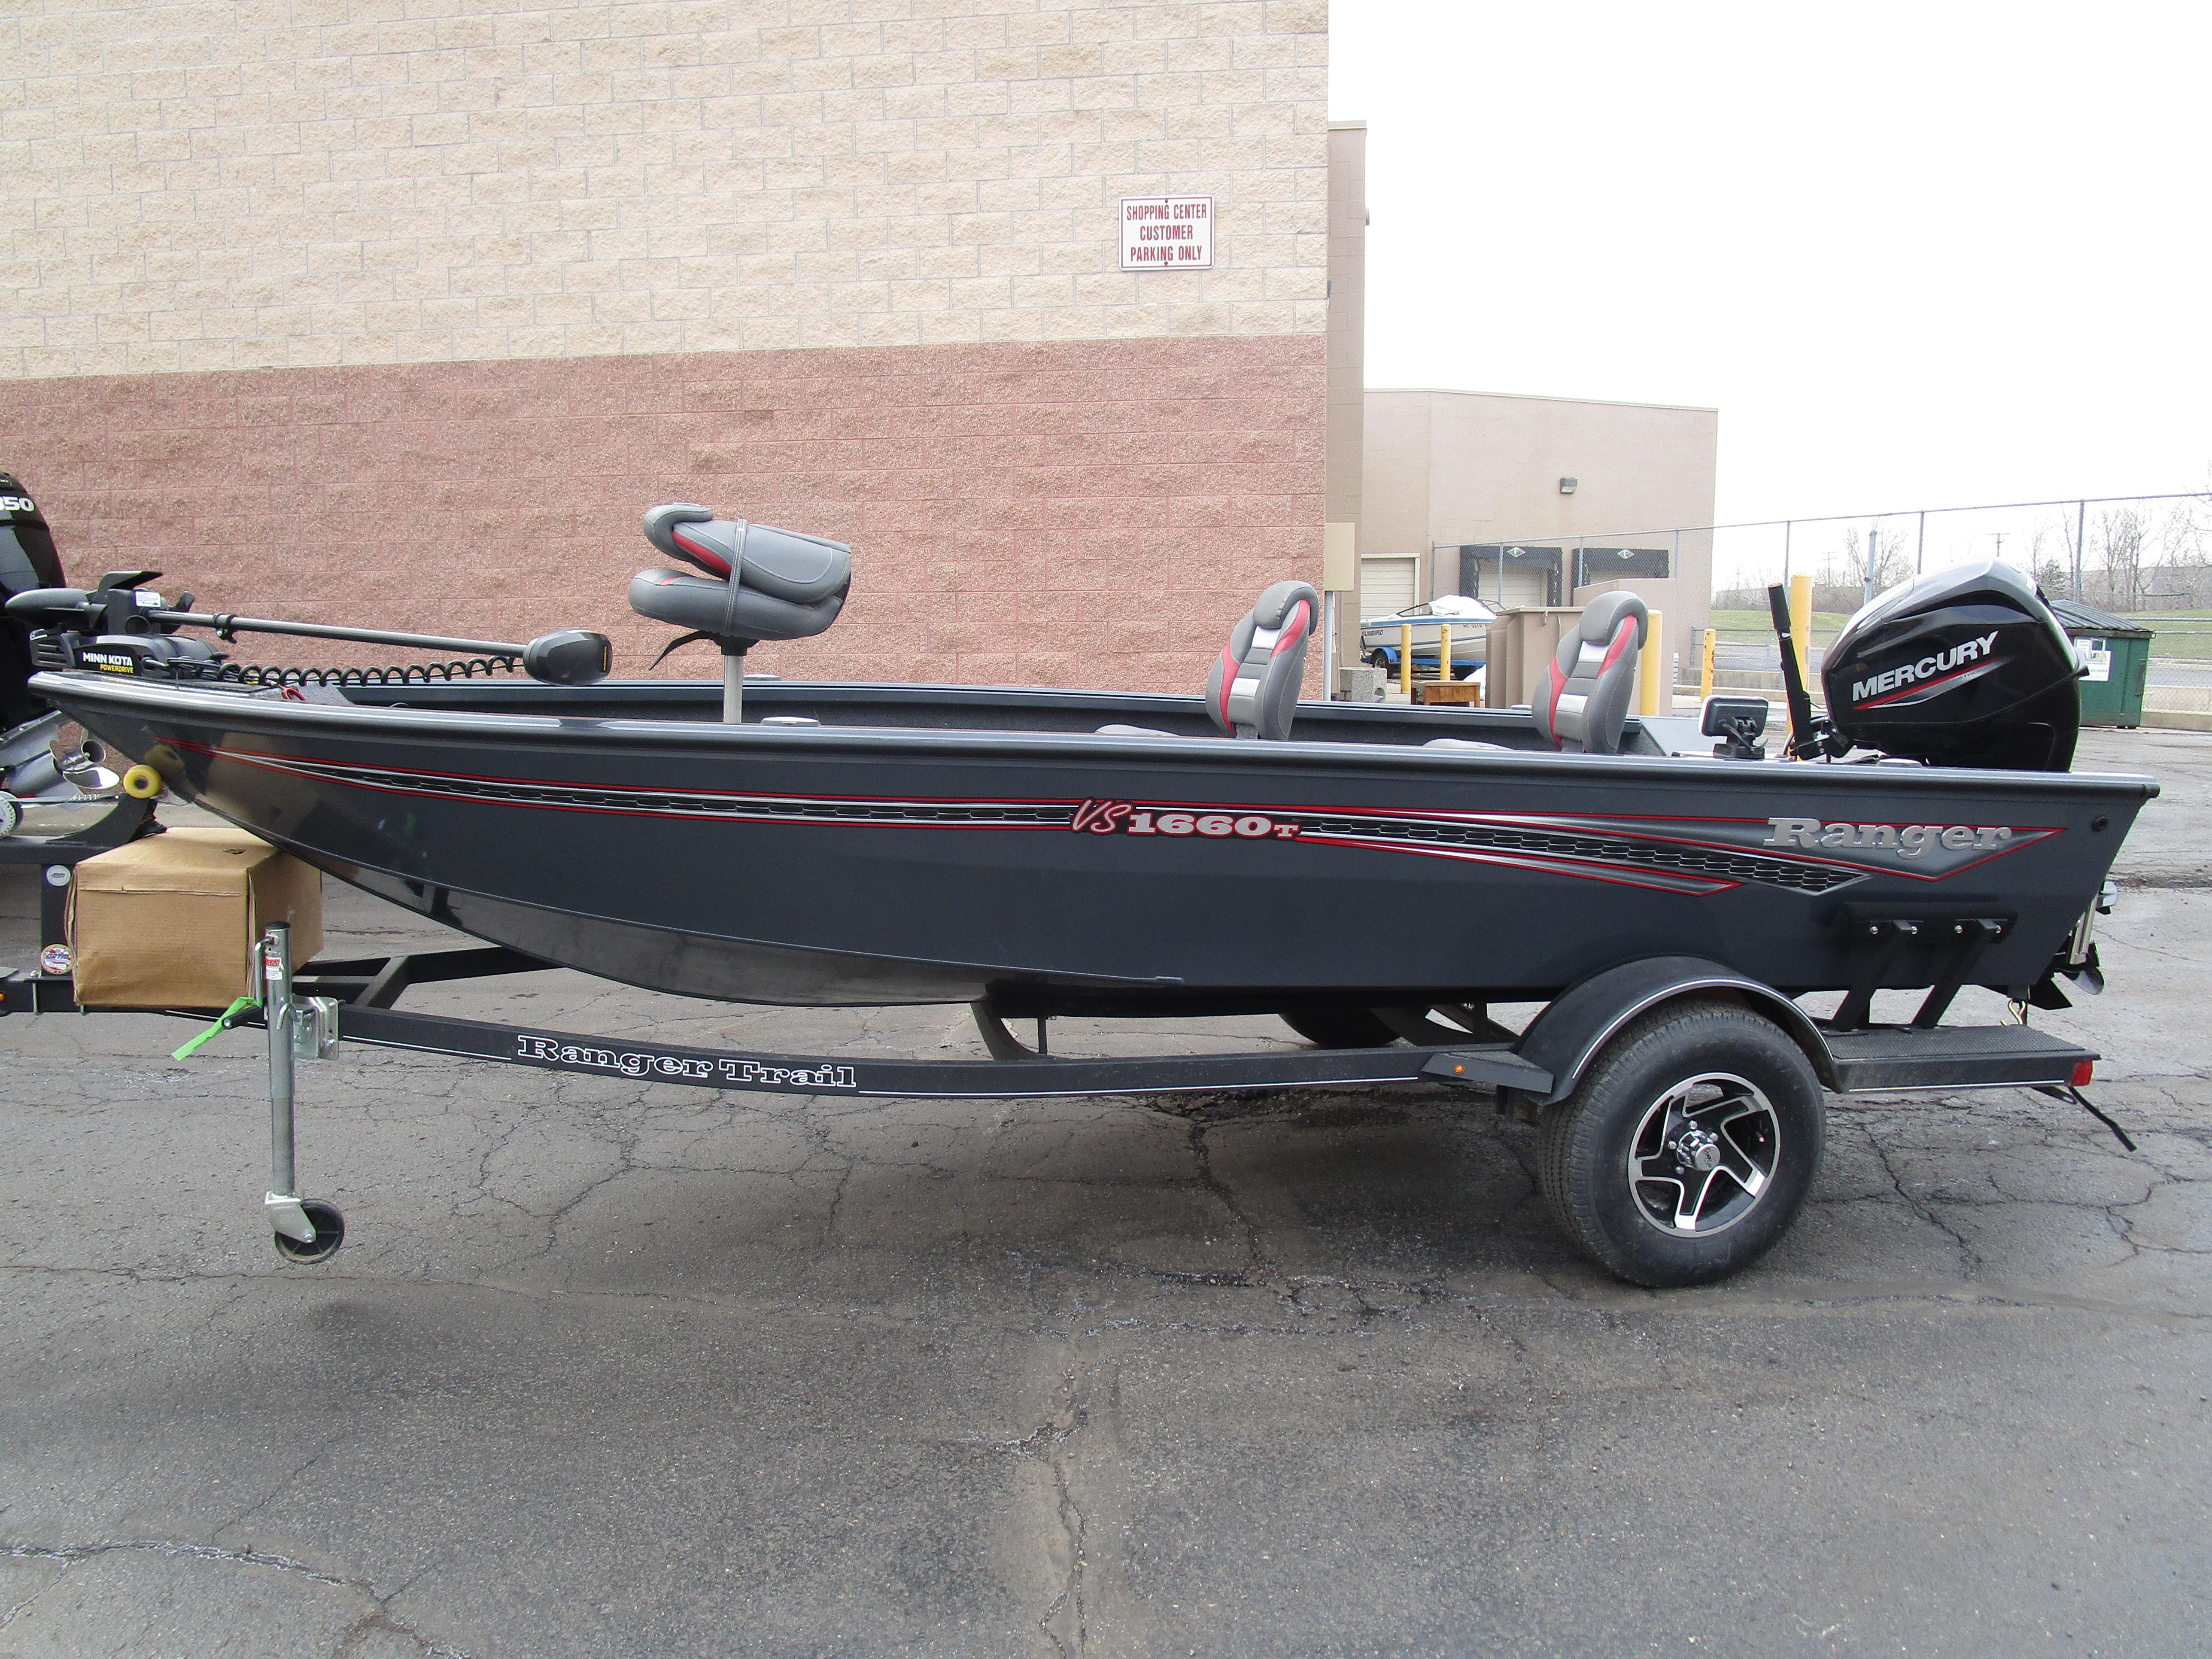 RangerVS 1660 T